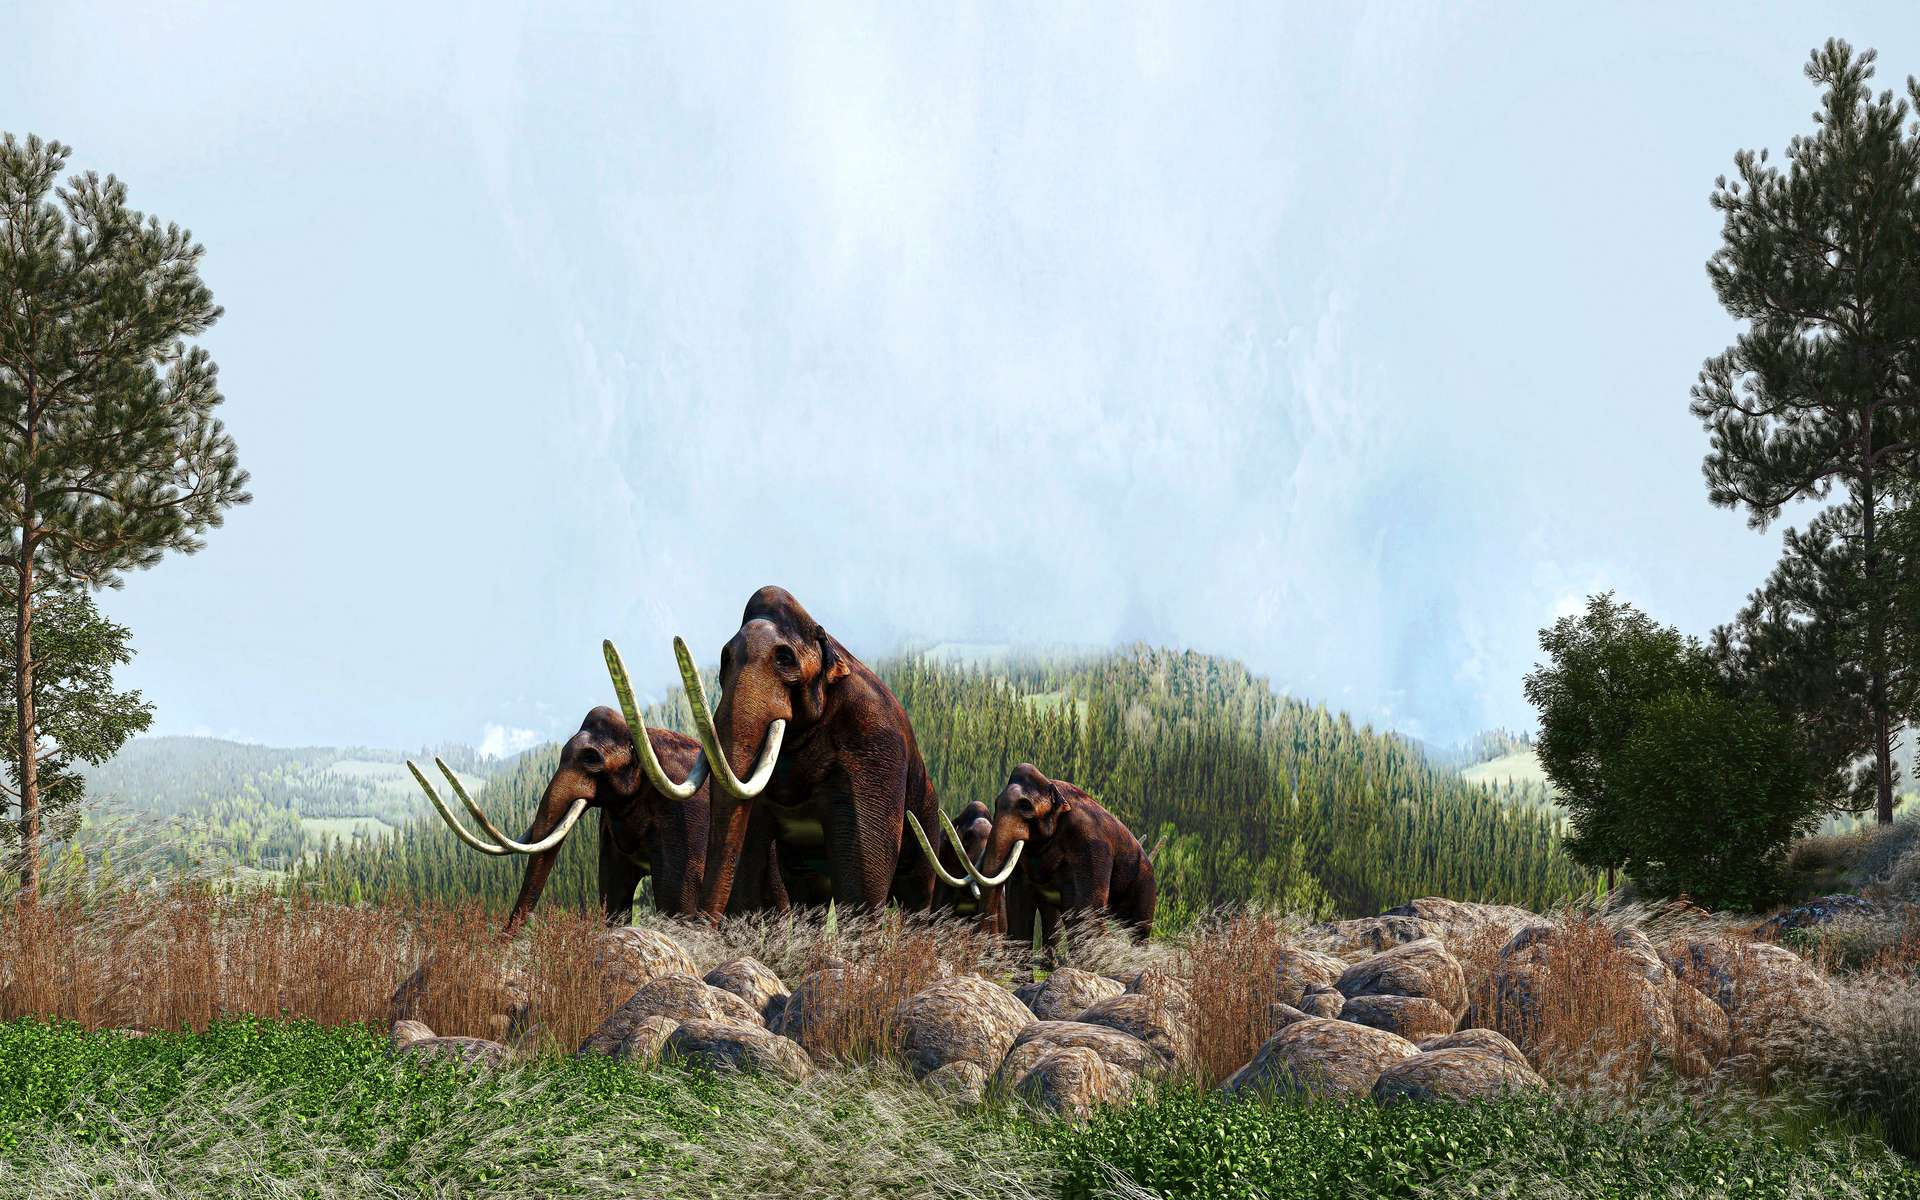 Au nord du Mexique, des archéologues viennent de découvrir 200 squelettes de mammouths. Et ce chiffre va probablement augmenter. © LaCozza, Adobe Stock